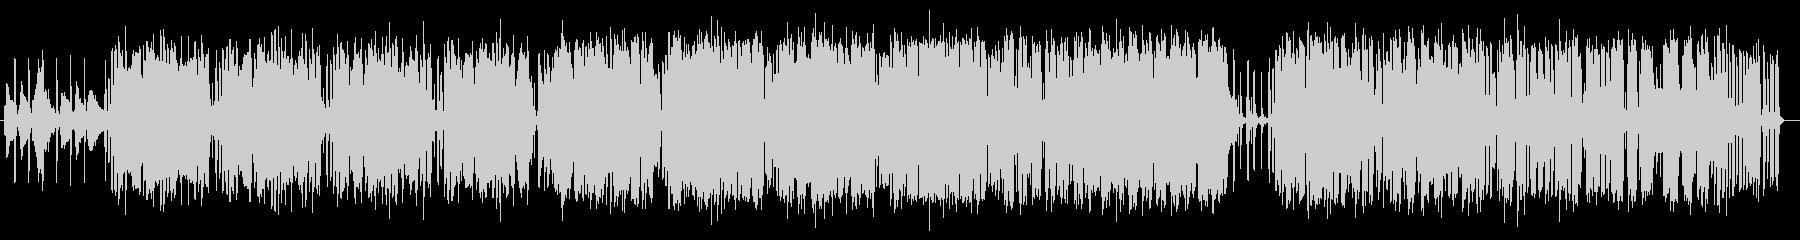 スローなジャズヒップホップの未再生の波形